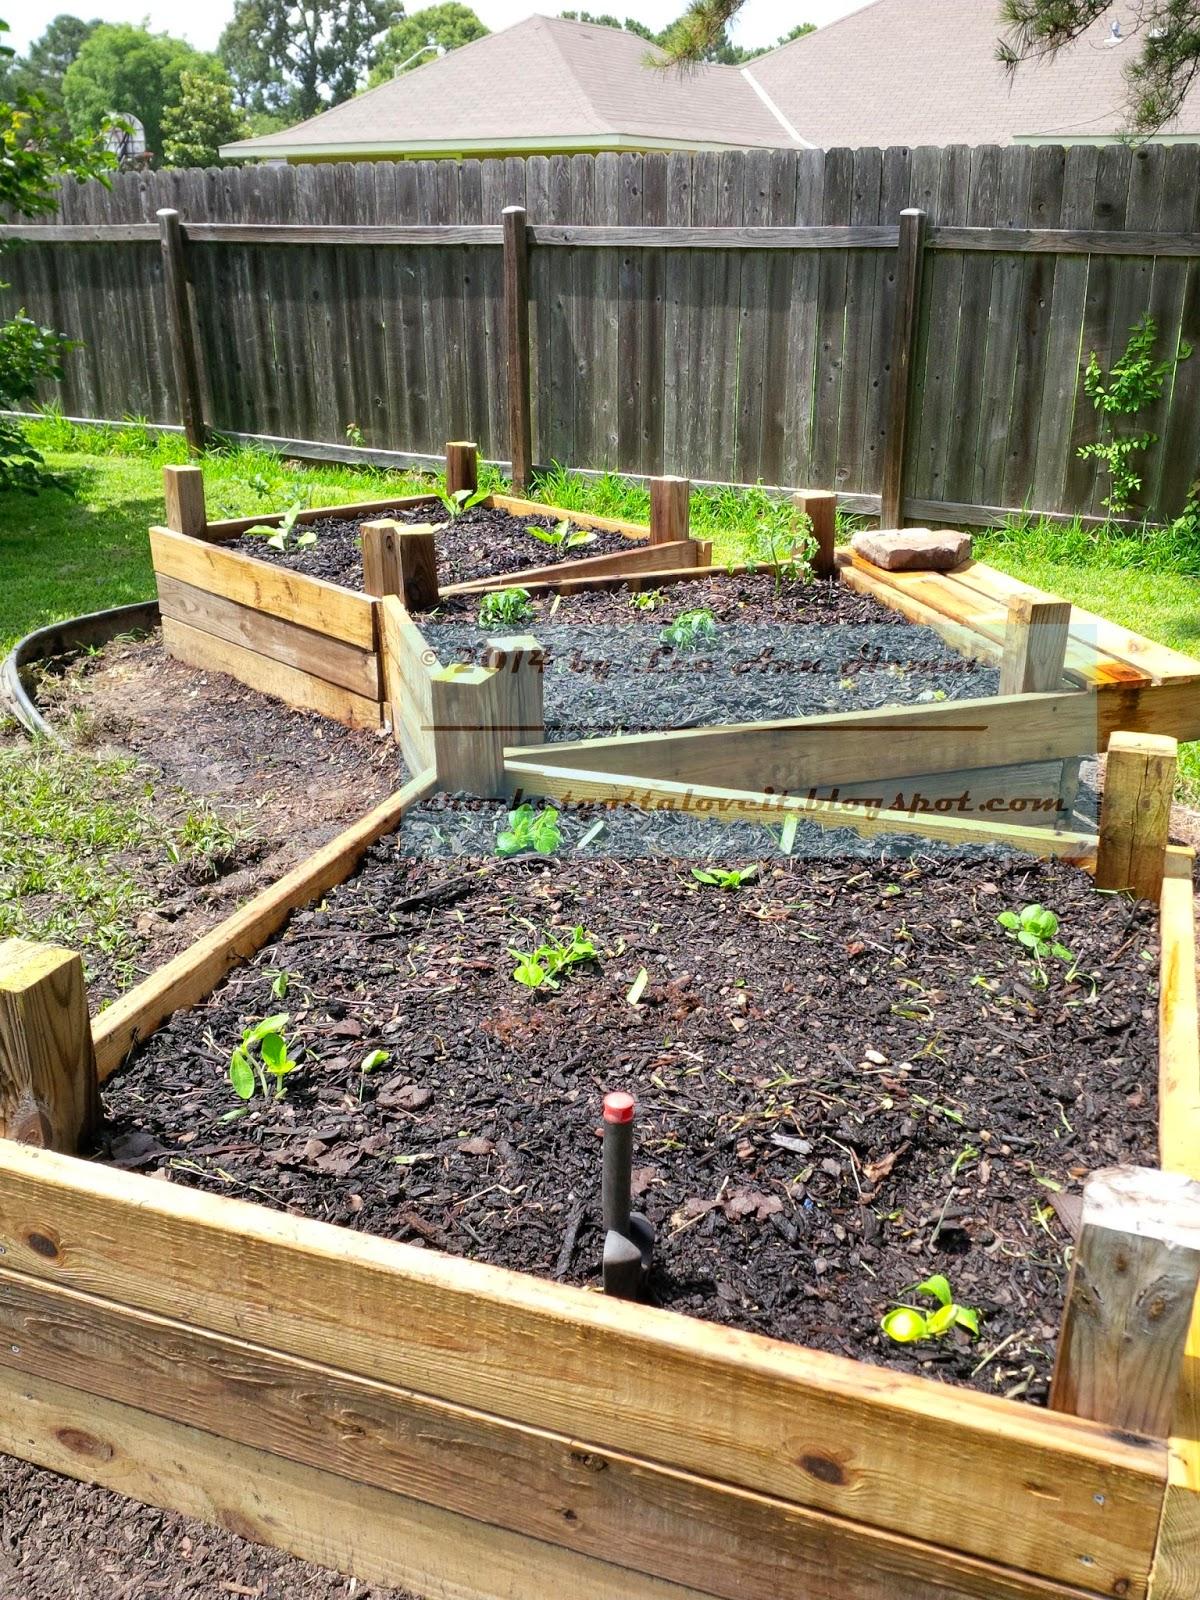 http://4.bp.blogspot.com/-iiLiqsNhRZw/U54NbEkI62I/AAAAAAAADsU/aAeenjVGsXM/s1600/GARDEN_making+raised+gardens+4x4,+May+31,+2014+(54)(1).jpg.jpg.jpg